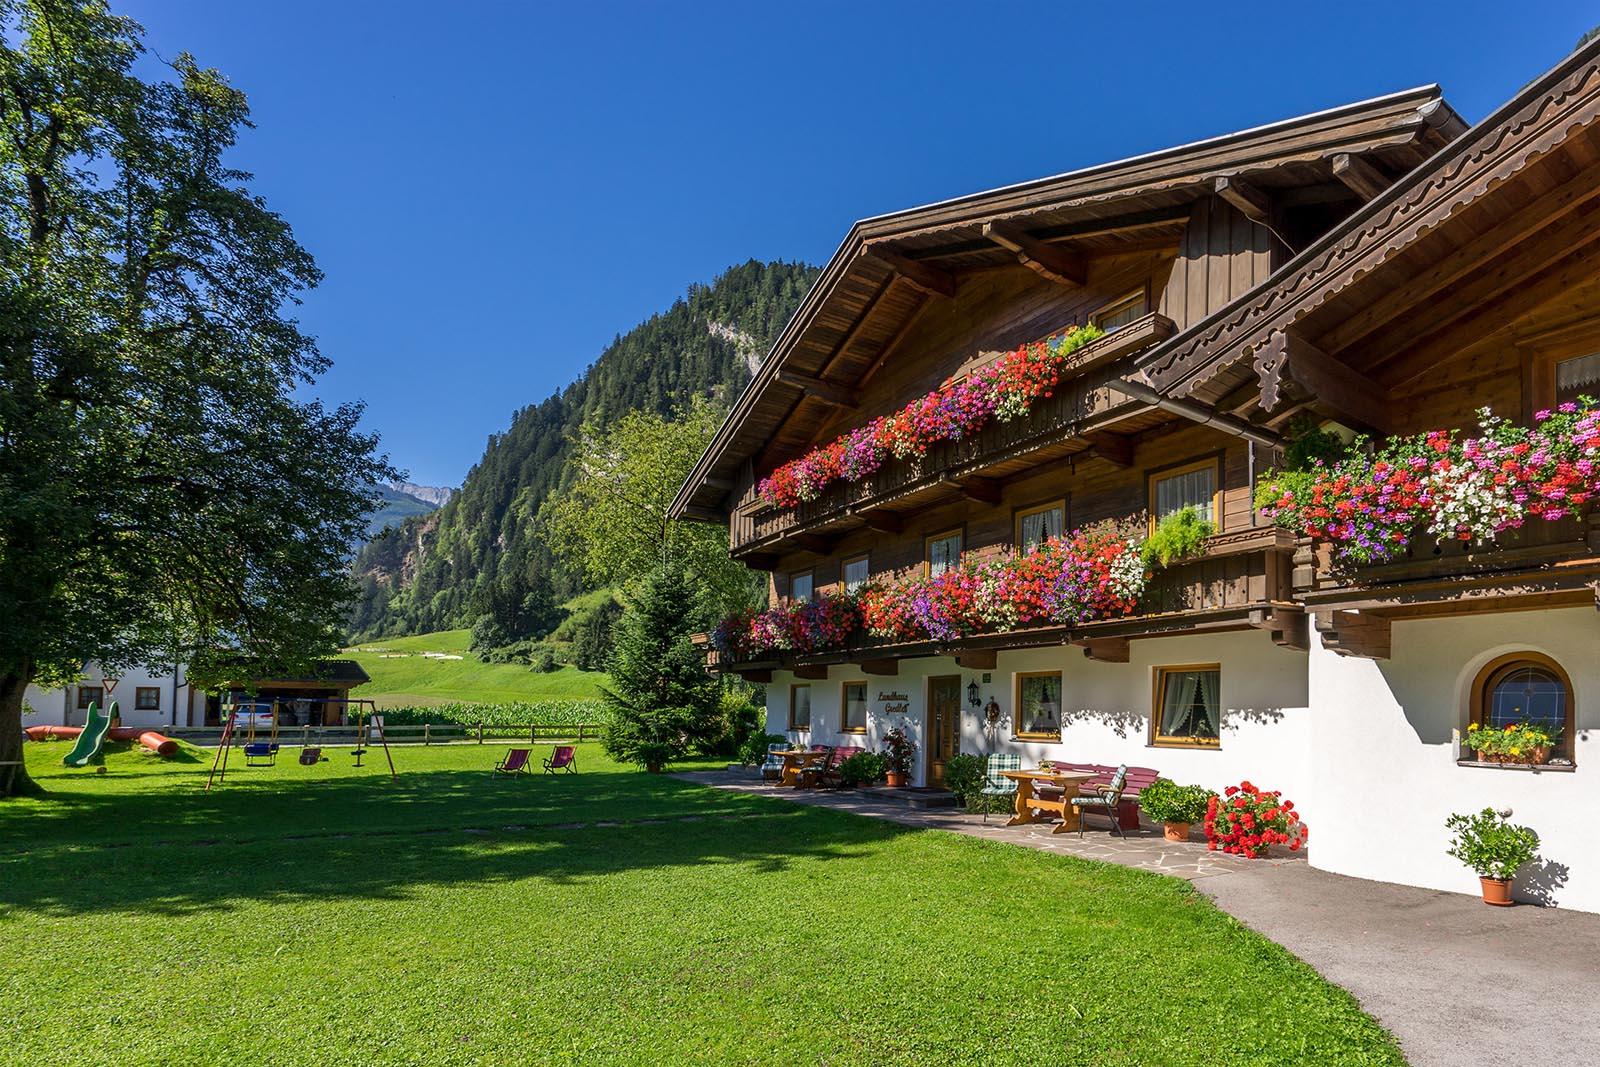 Skireise: Mayrhofen - Mitt * Leute kennenlernen im Ruhrgebiet!